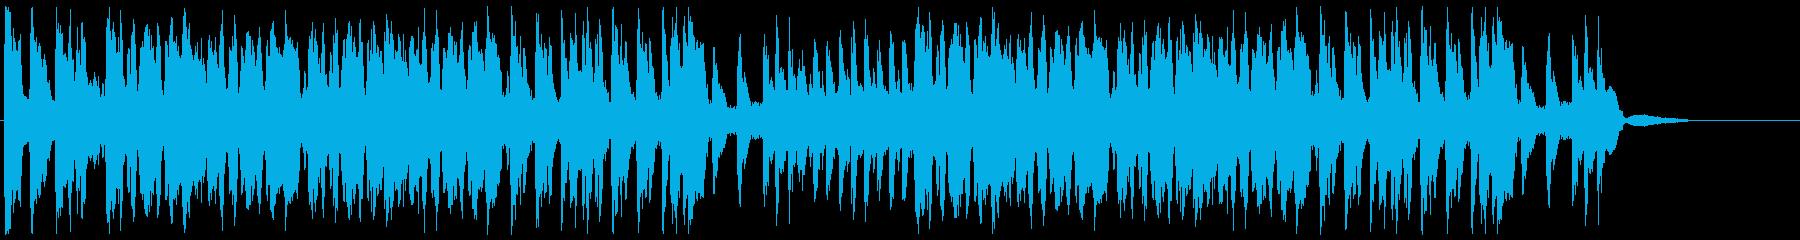 吹奏楽:応援マーチの再生済みの波形